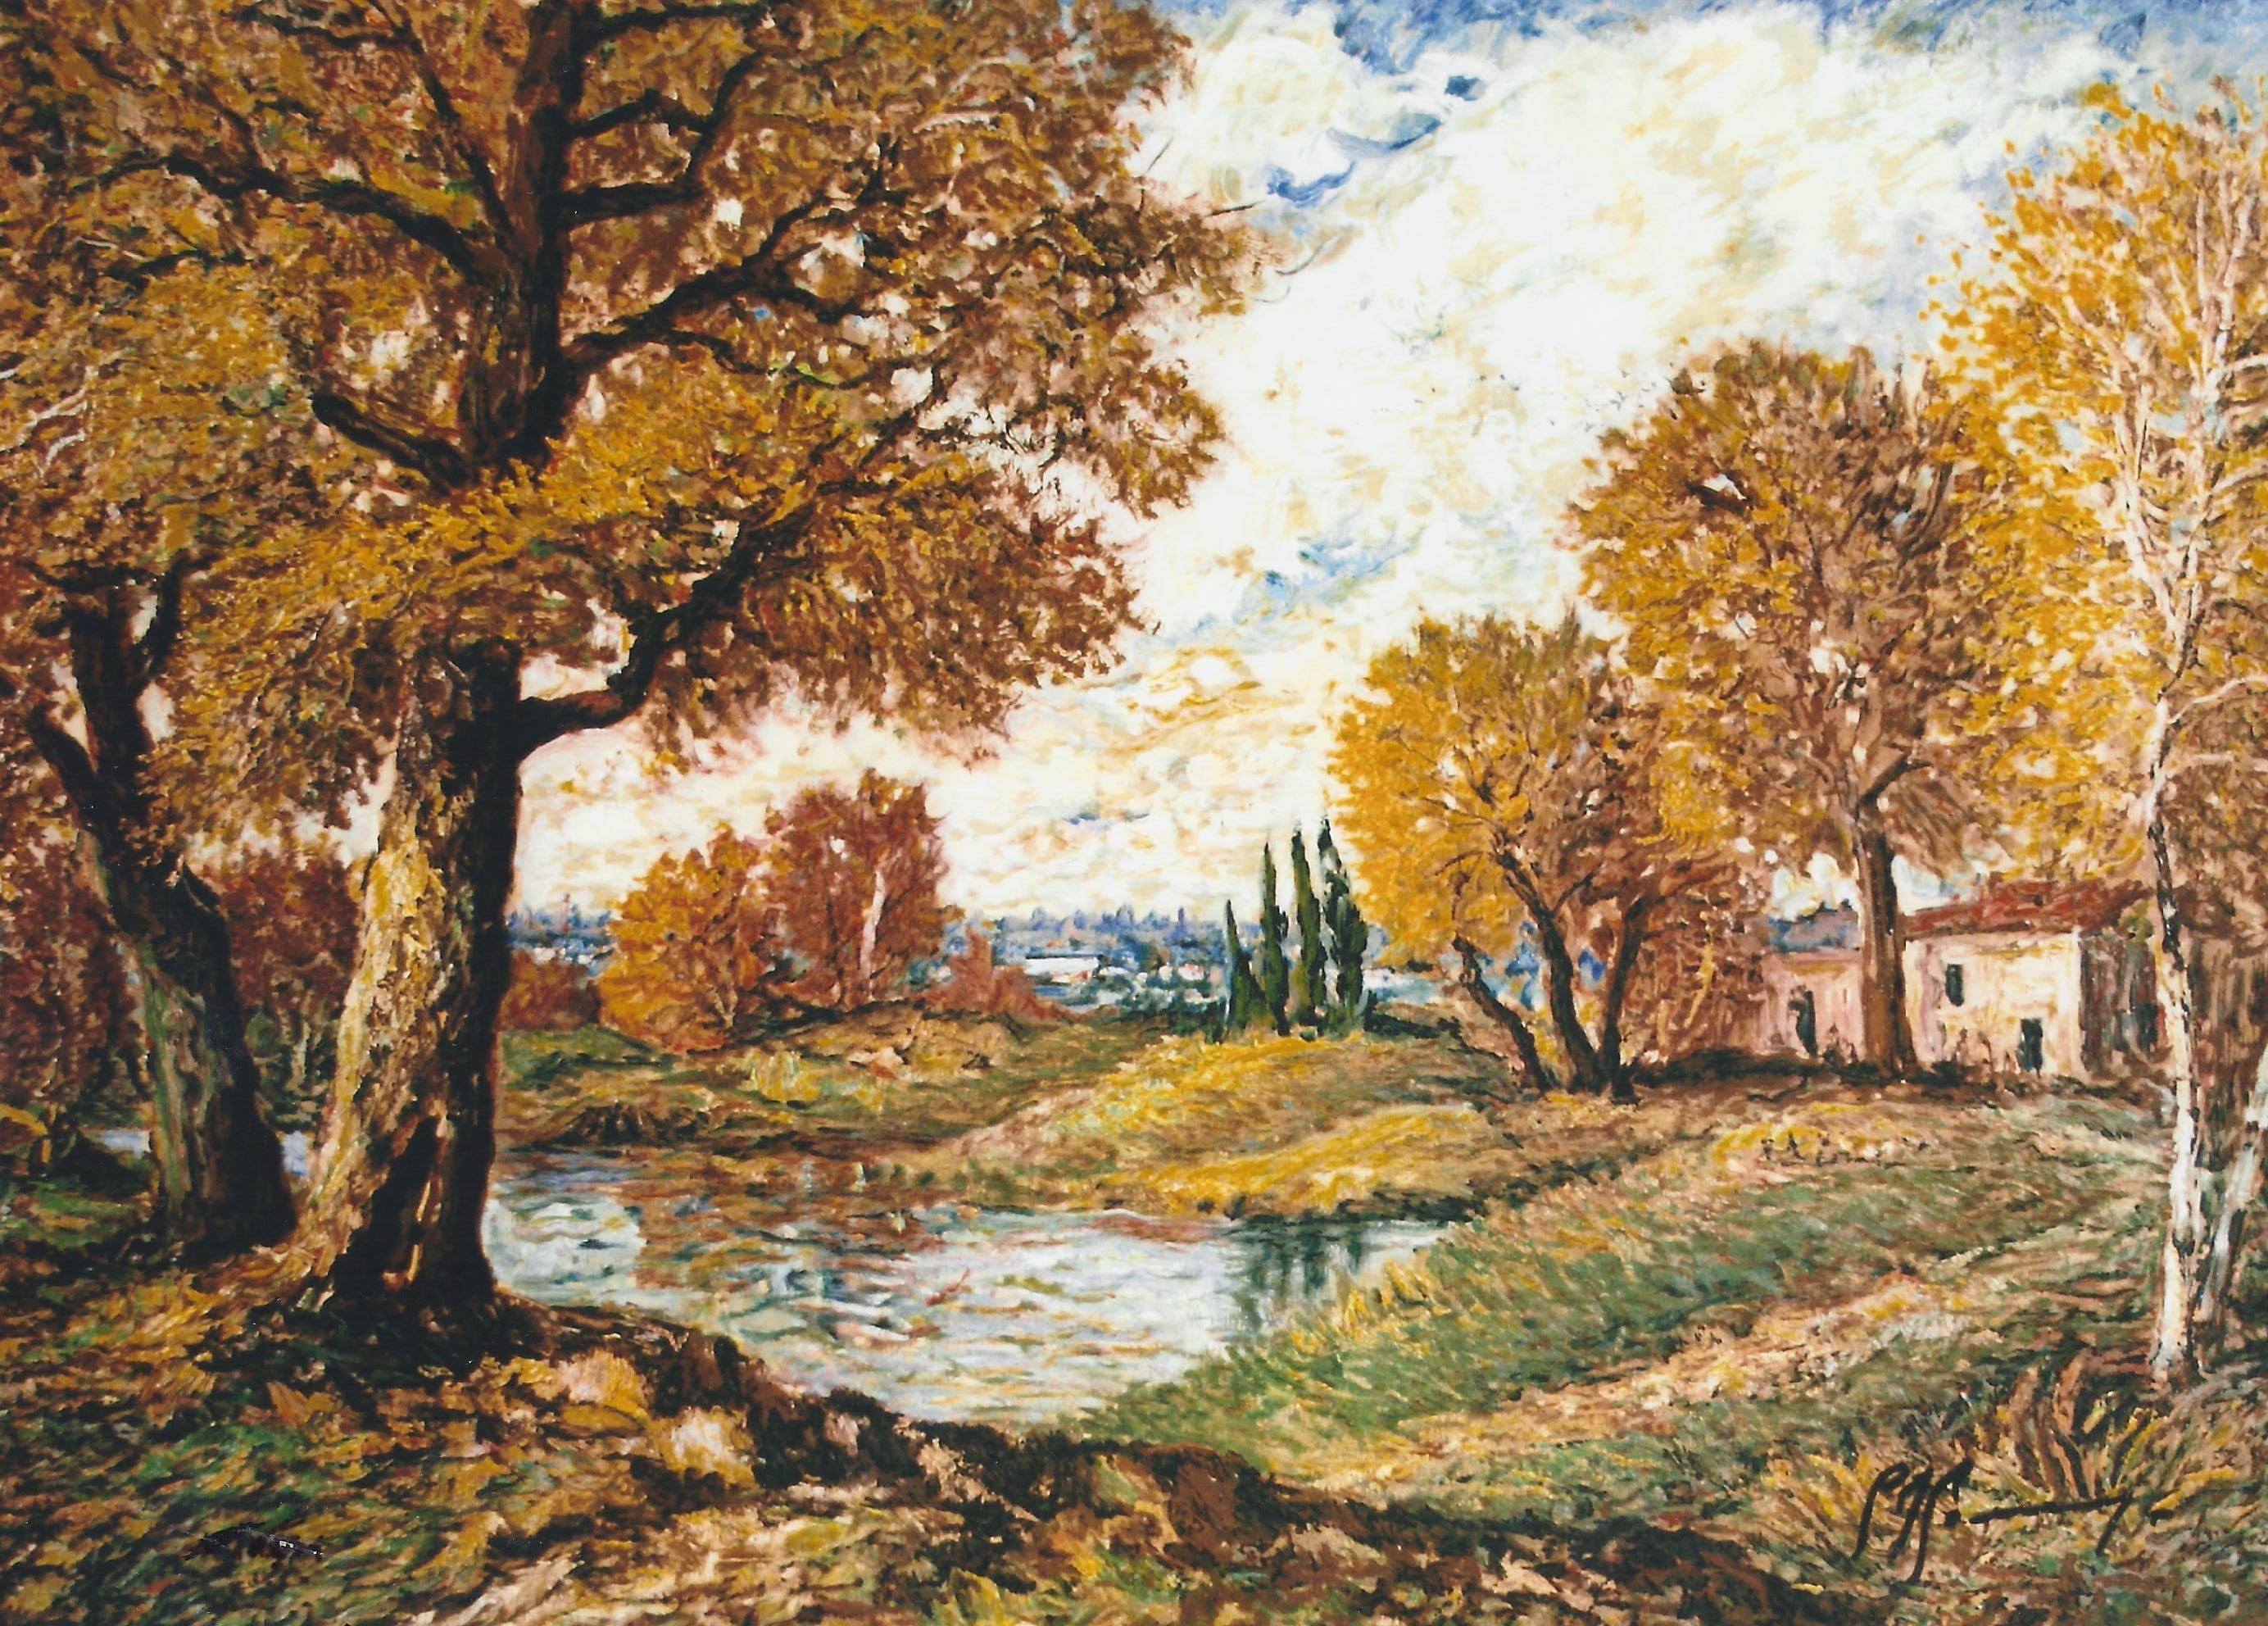 dipinti paesaggi autunnali  DIPINGERE  PAINT everything  Palet warna Palet dan Warna